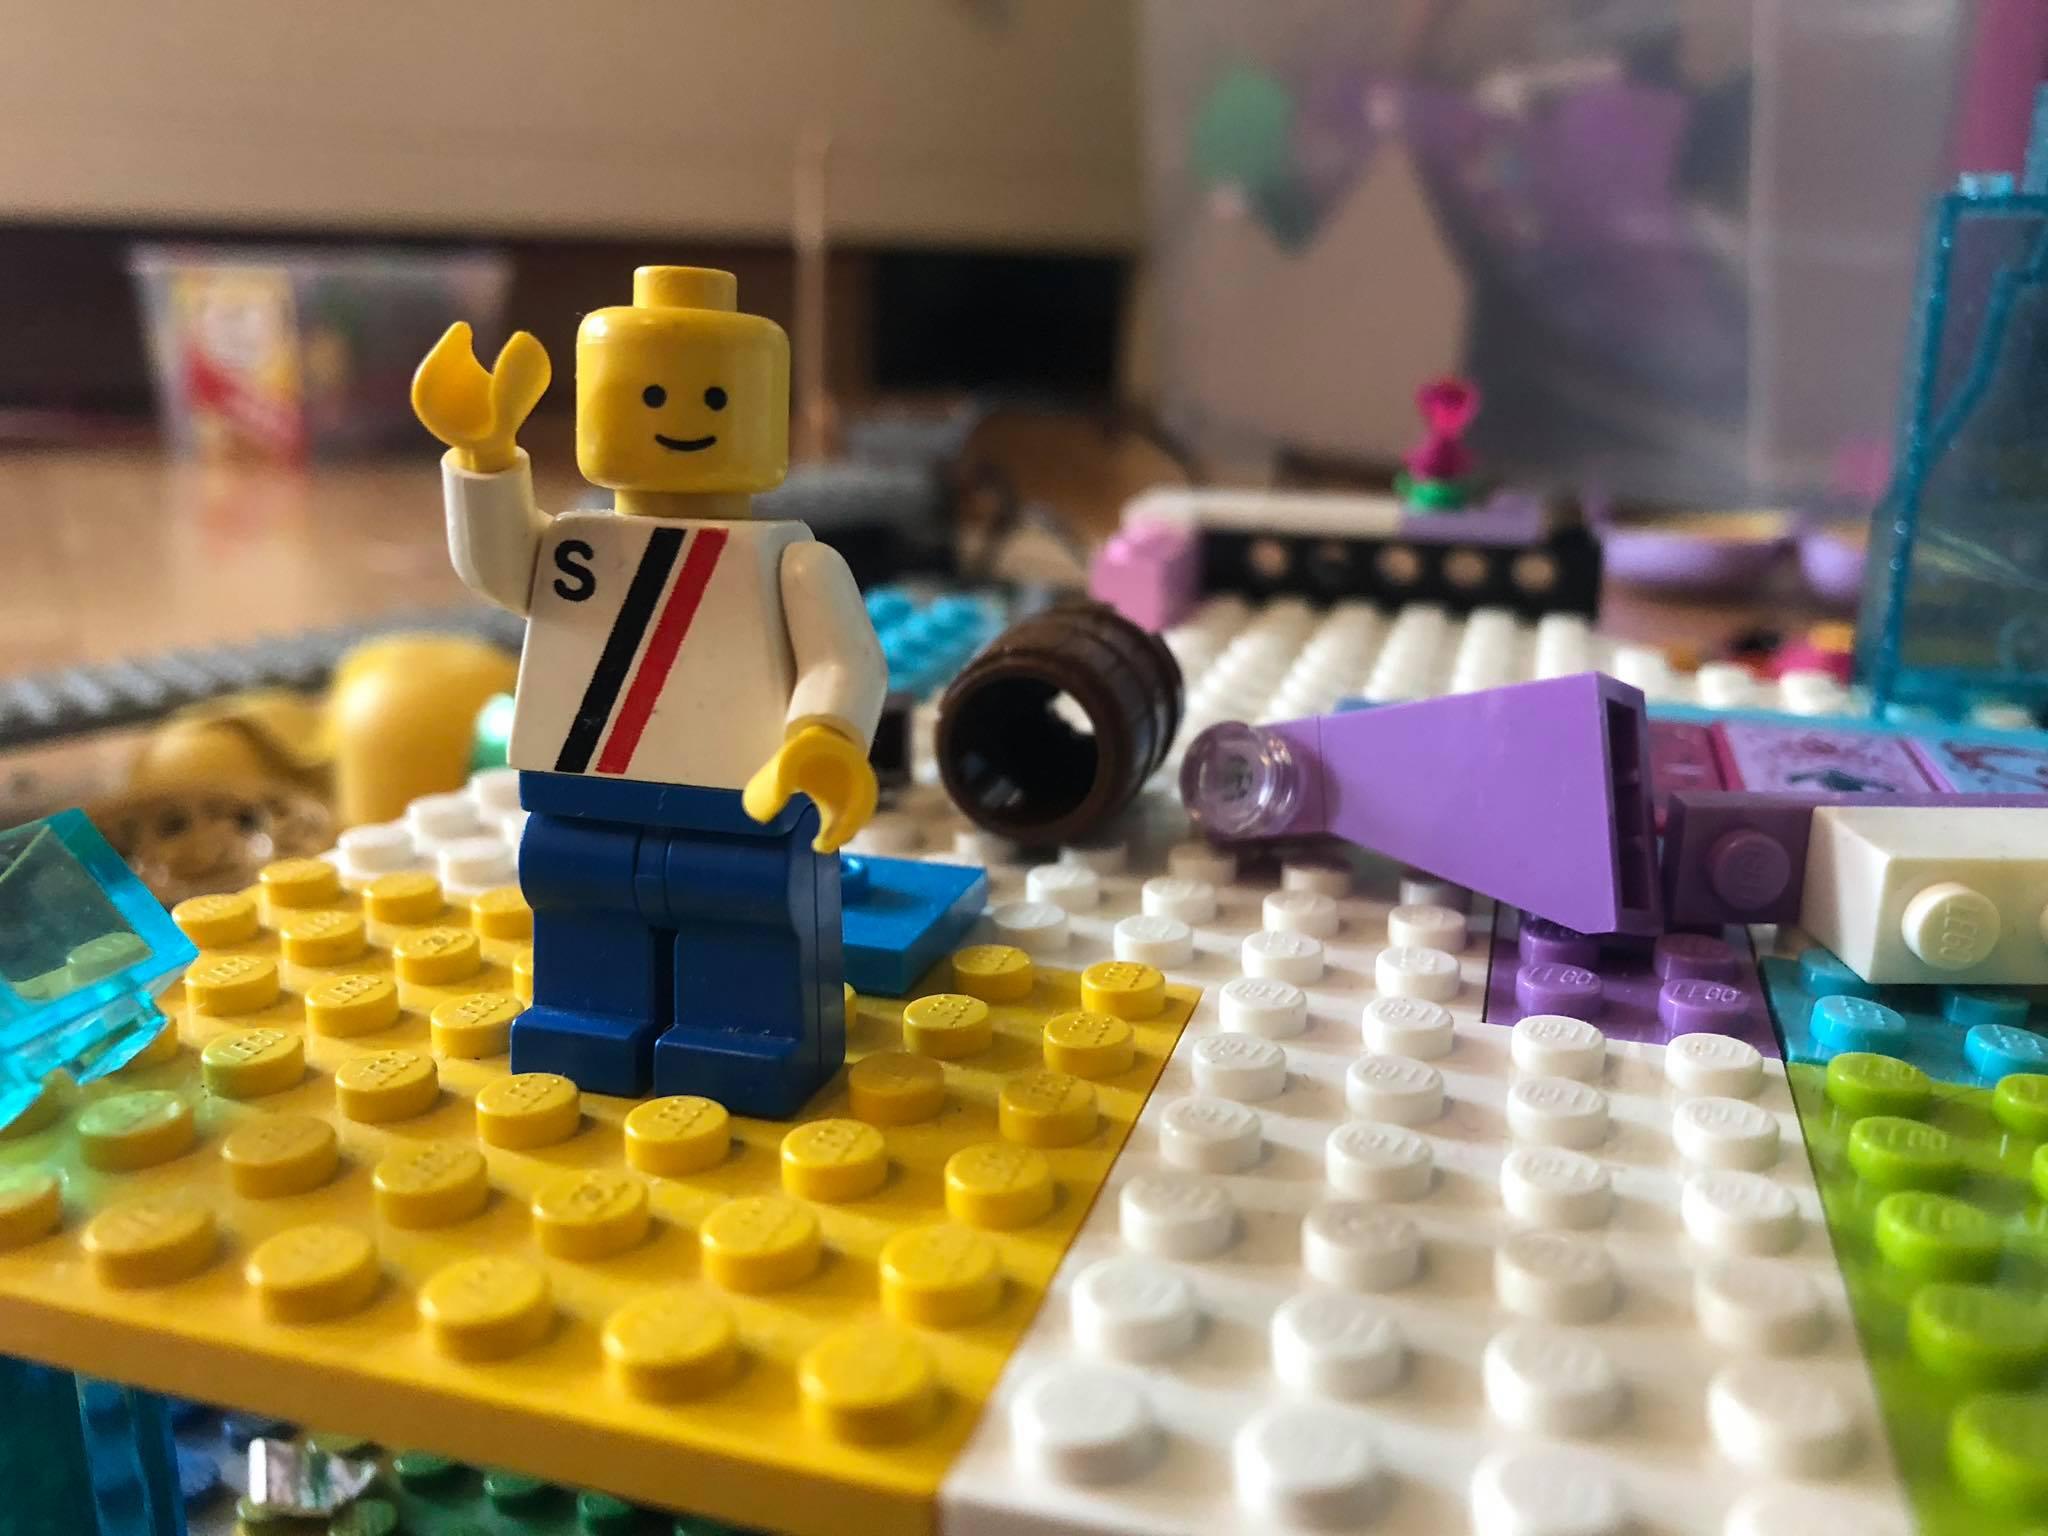 lego, Welches Lego für welches Alter?